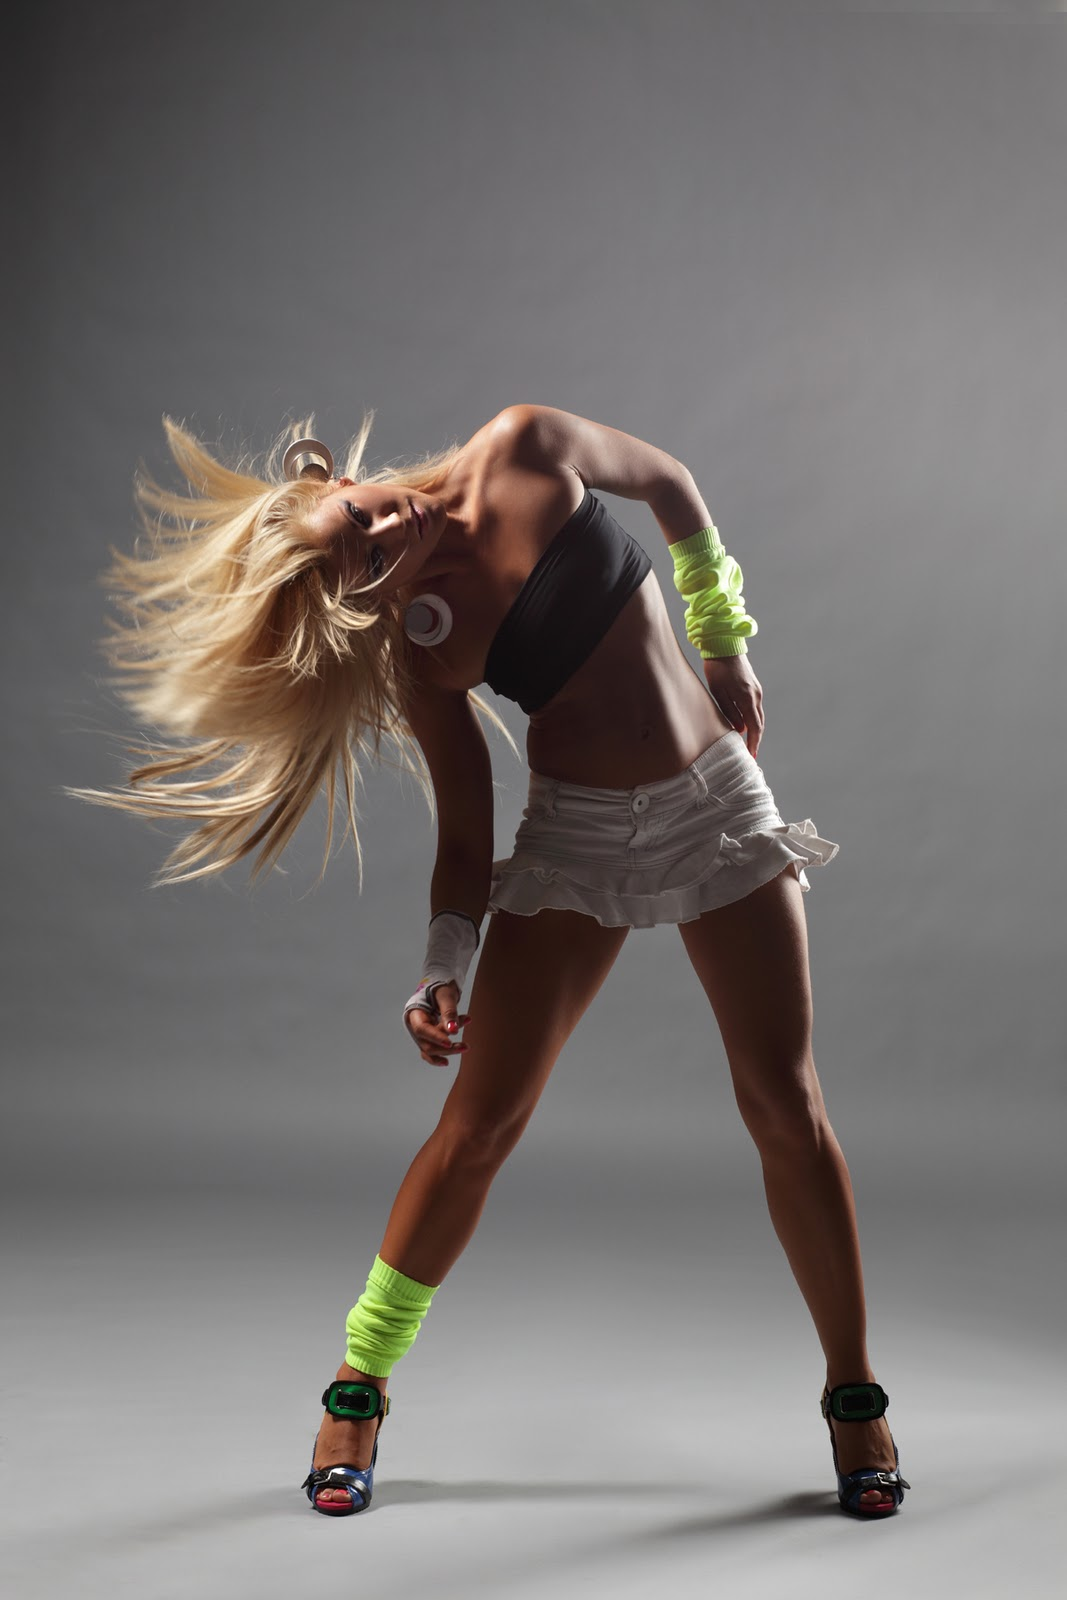 Танец девушки без одежды 7 фотография